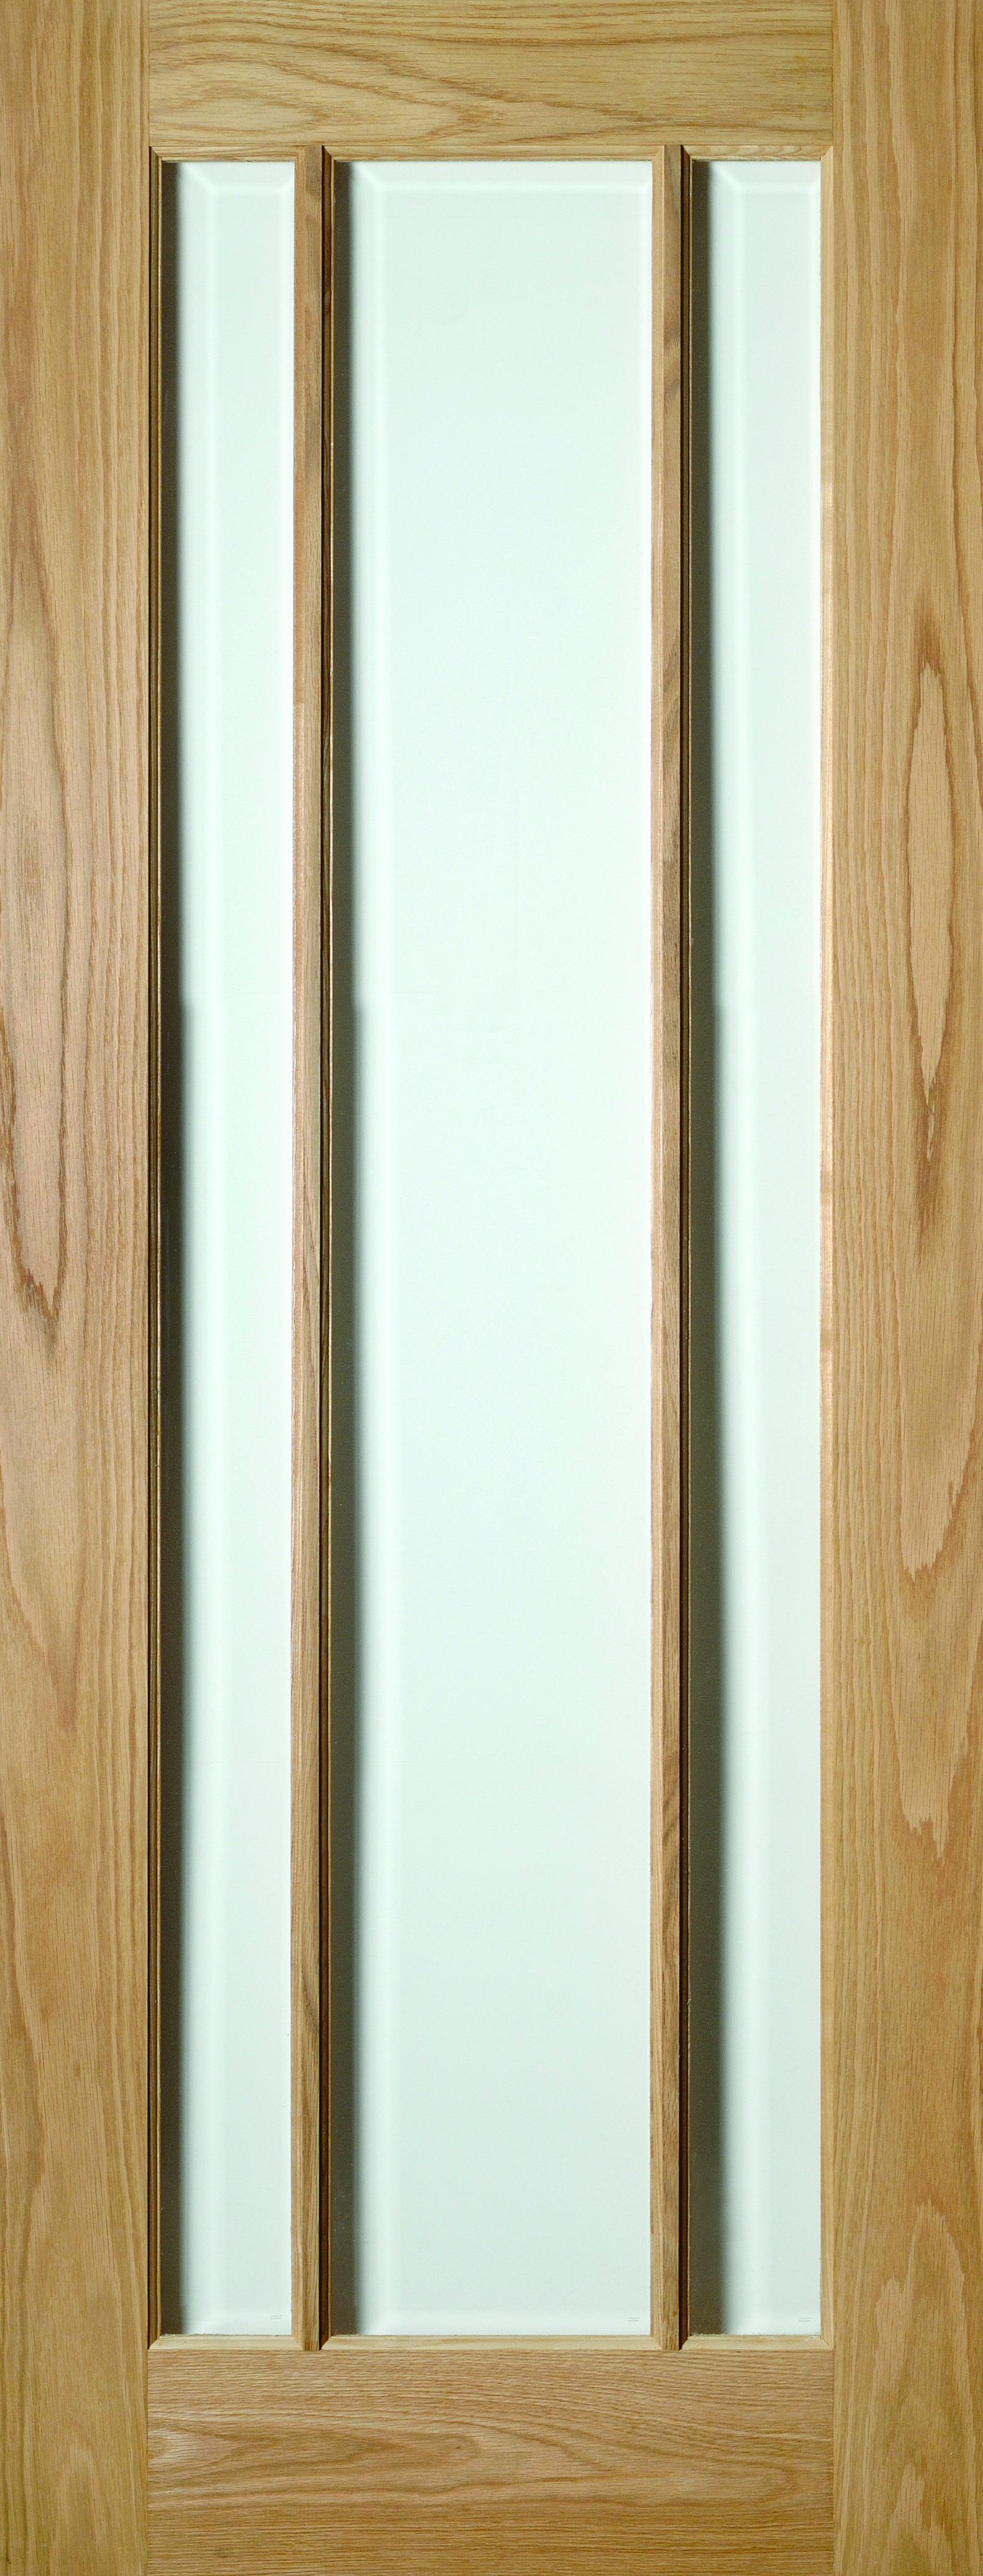 30 X 78 Norwich Oak Door Clear Bevelled Glass